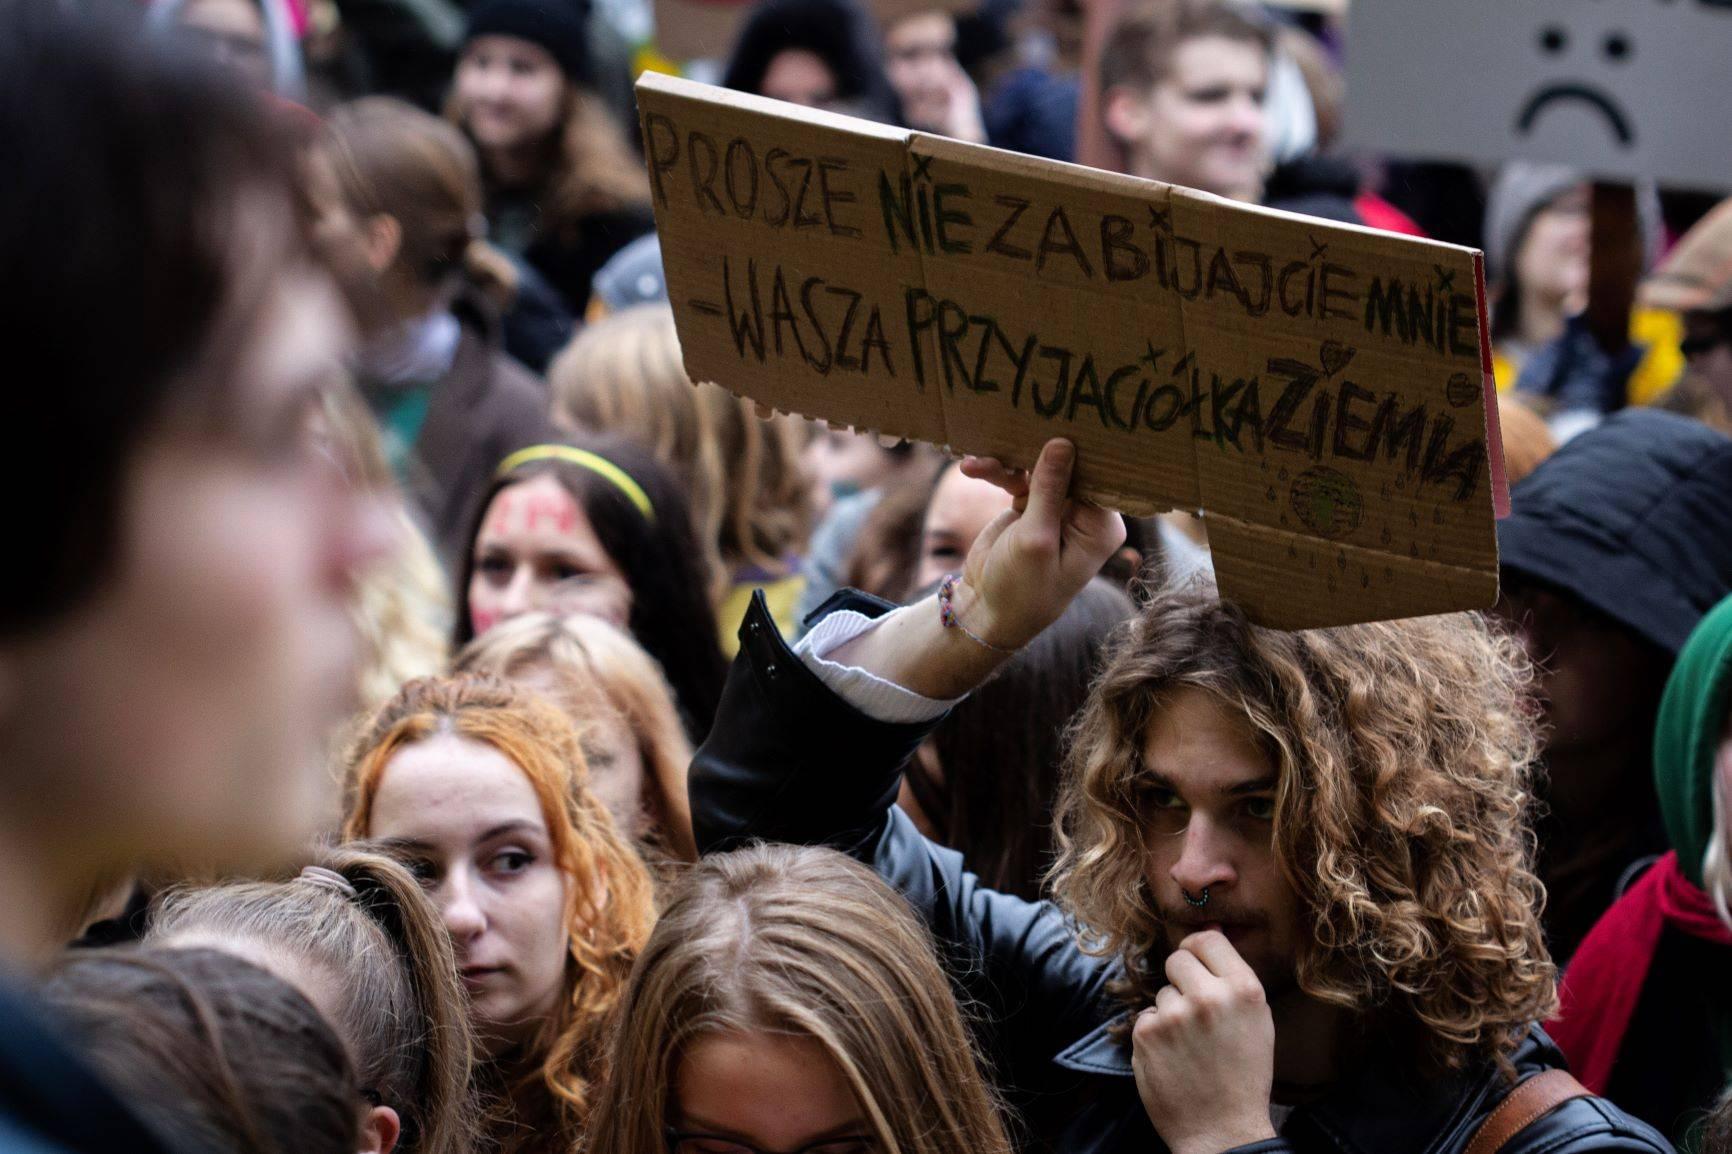 Młodzieżowy Strajk Klimatycznie - młodzież walczy o swoją przyszłość. Jak uratować naszą planetę?